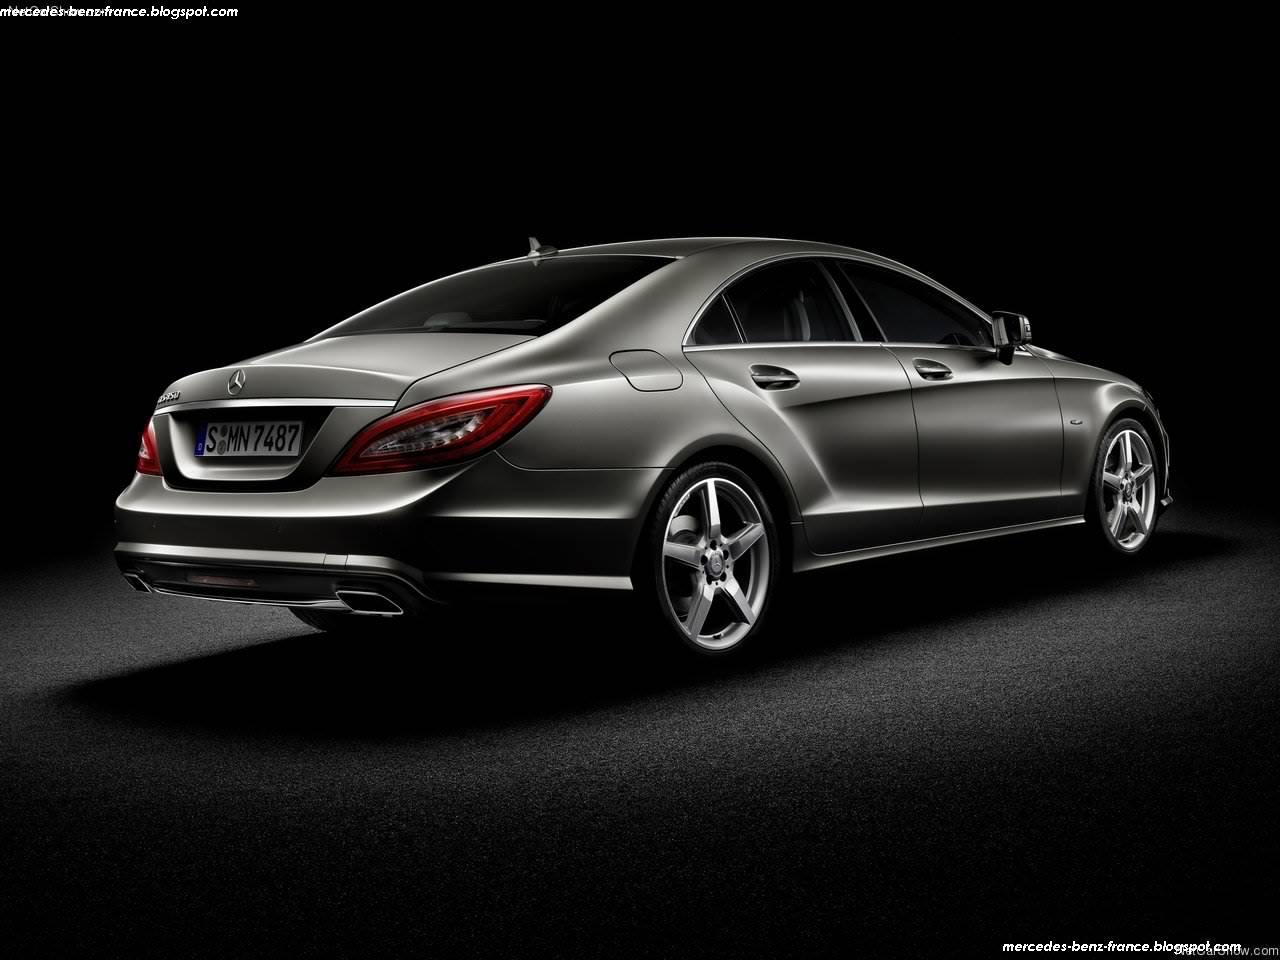 http://2.bp.blogspot.com/_xhqjRo6NERQ/THFrh50_c8I/AAAAAAAAIrc/1e64Q4KTeK8/s1600/Mercedes-Benz-CLS-Class_2012_1280x960_wallpaper_07.jpg